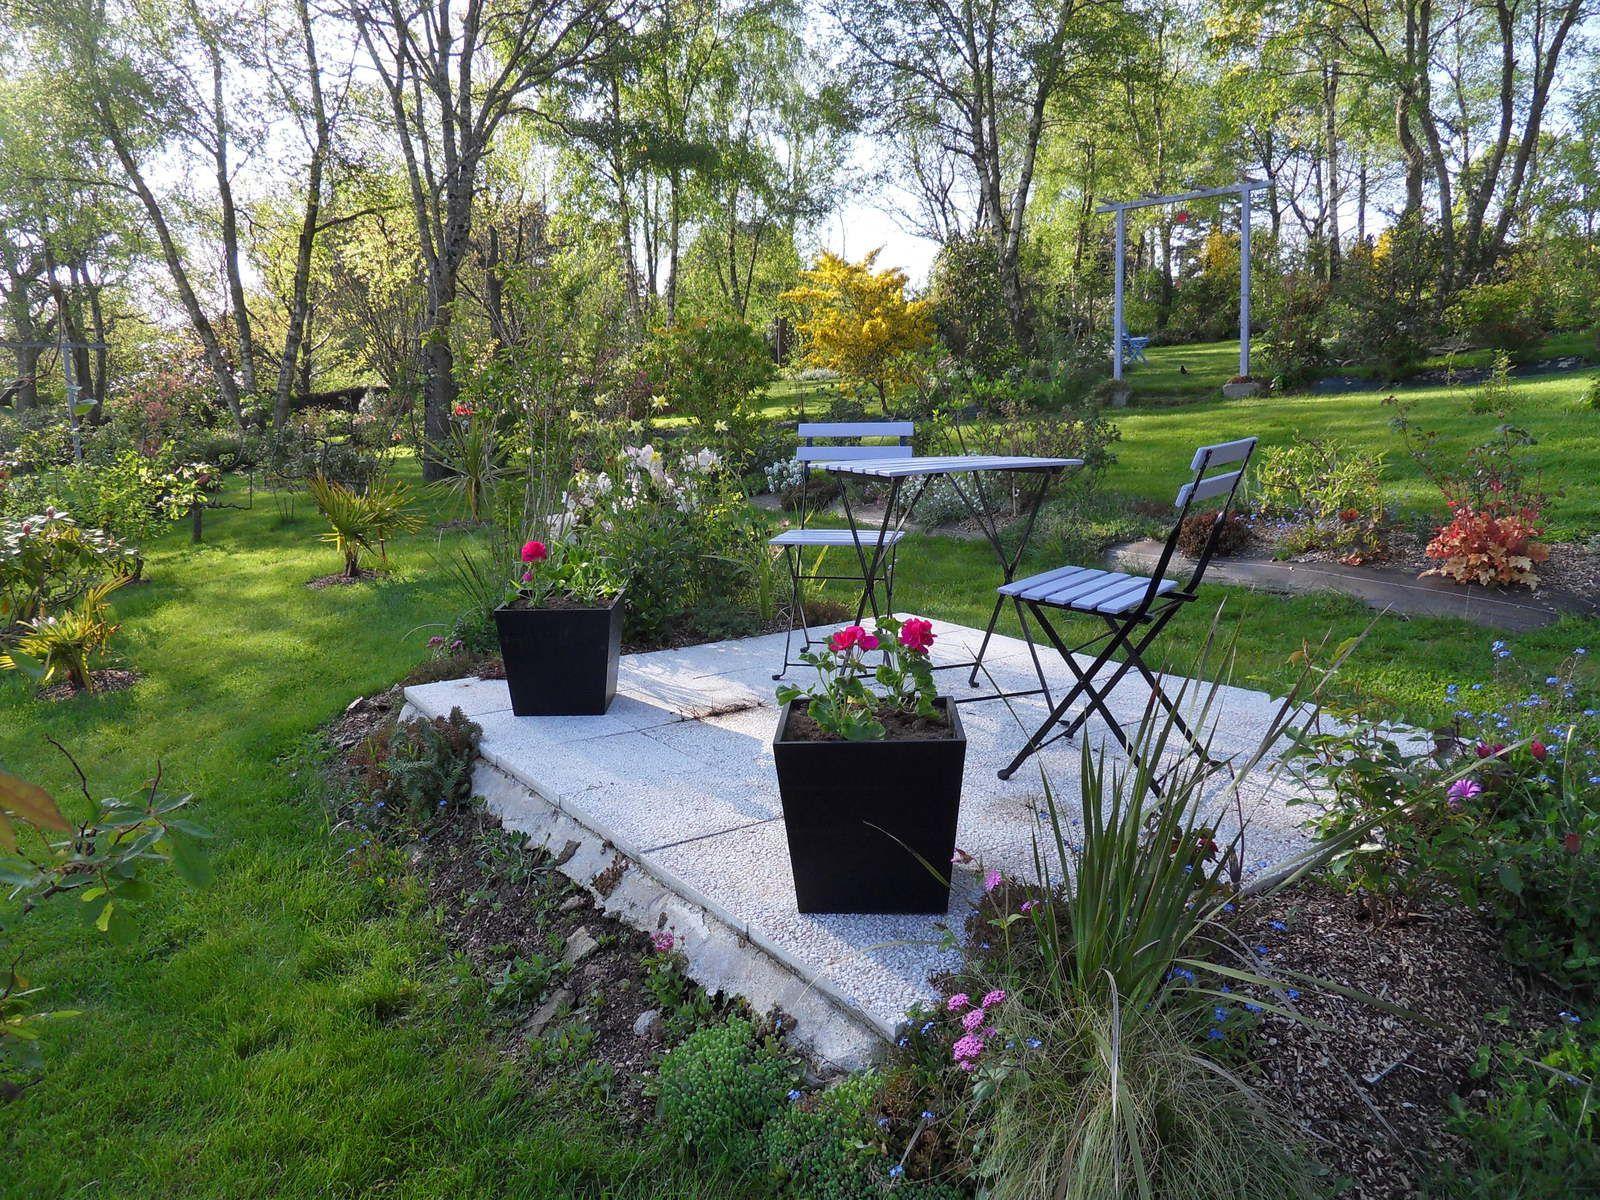 mise en place de quelques plants  ....l'entrée du jardin a aussi été fleuri....